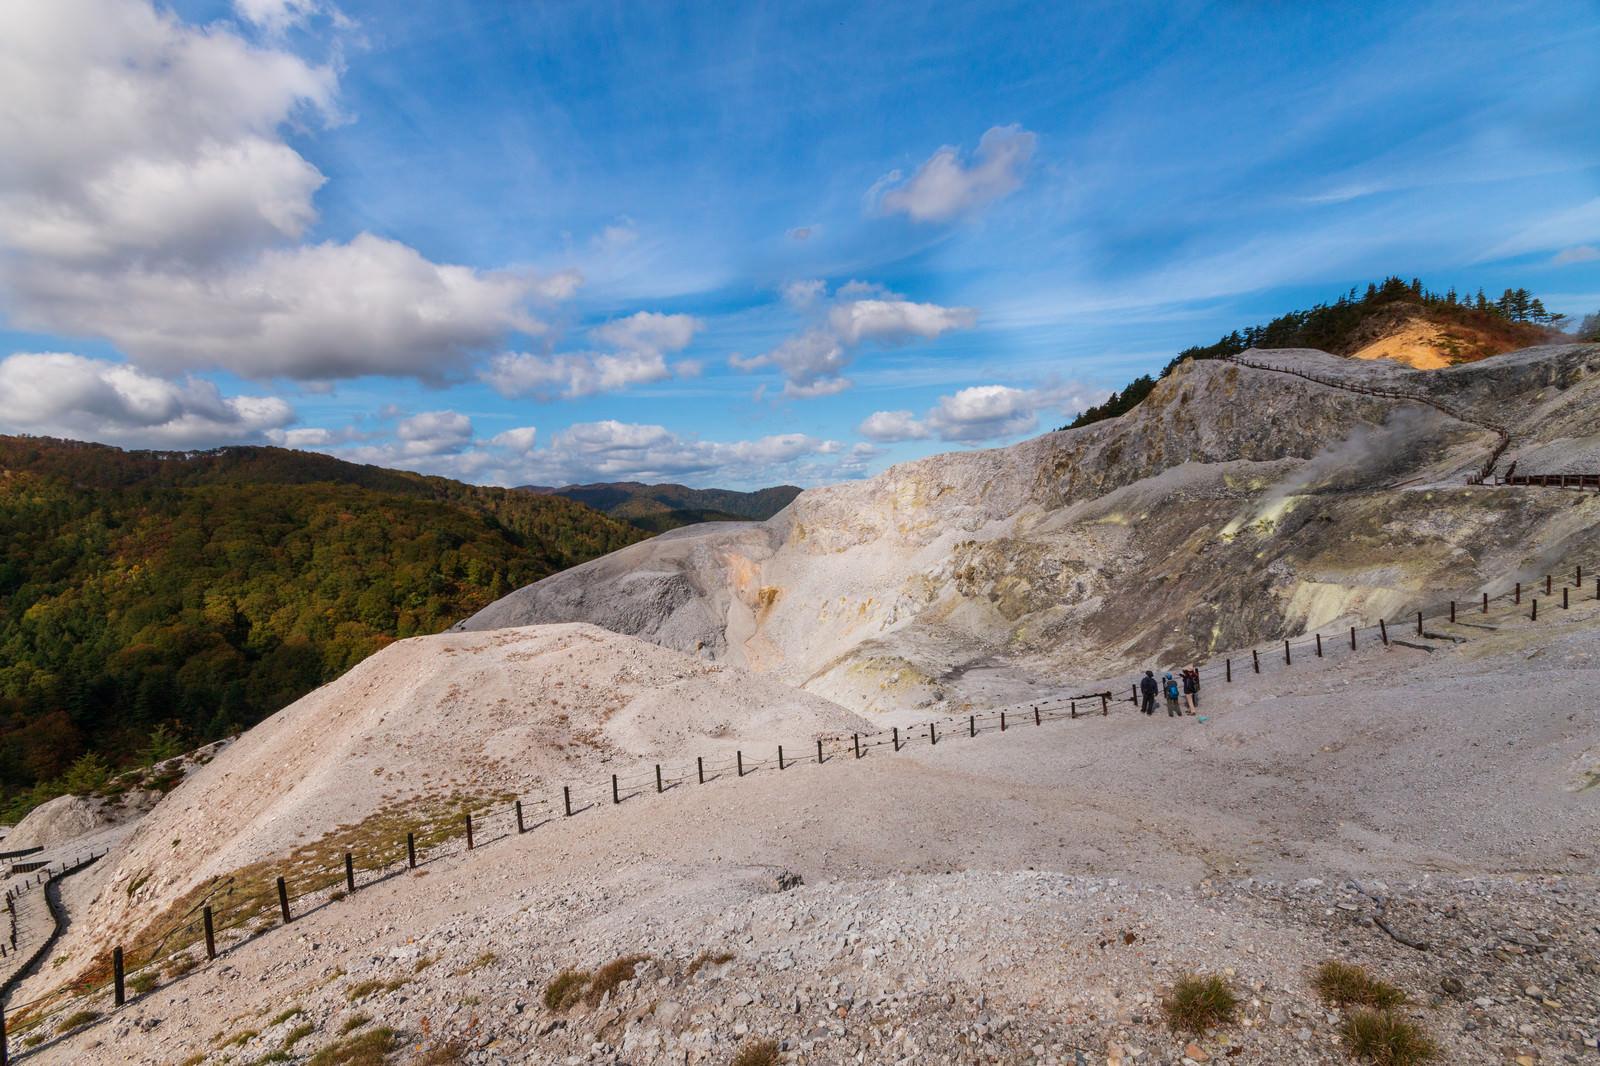 「広大な川原毛地獄と登山者」の写真